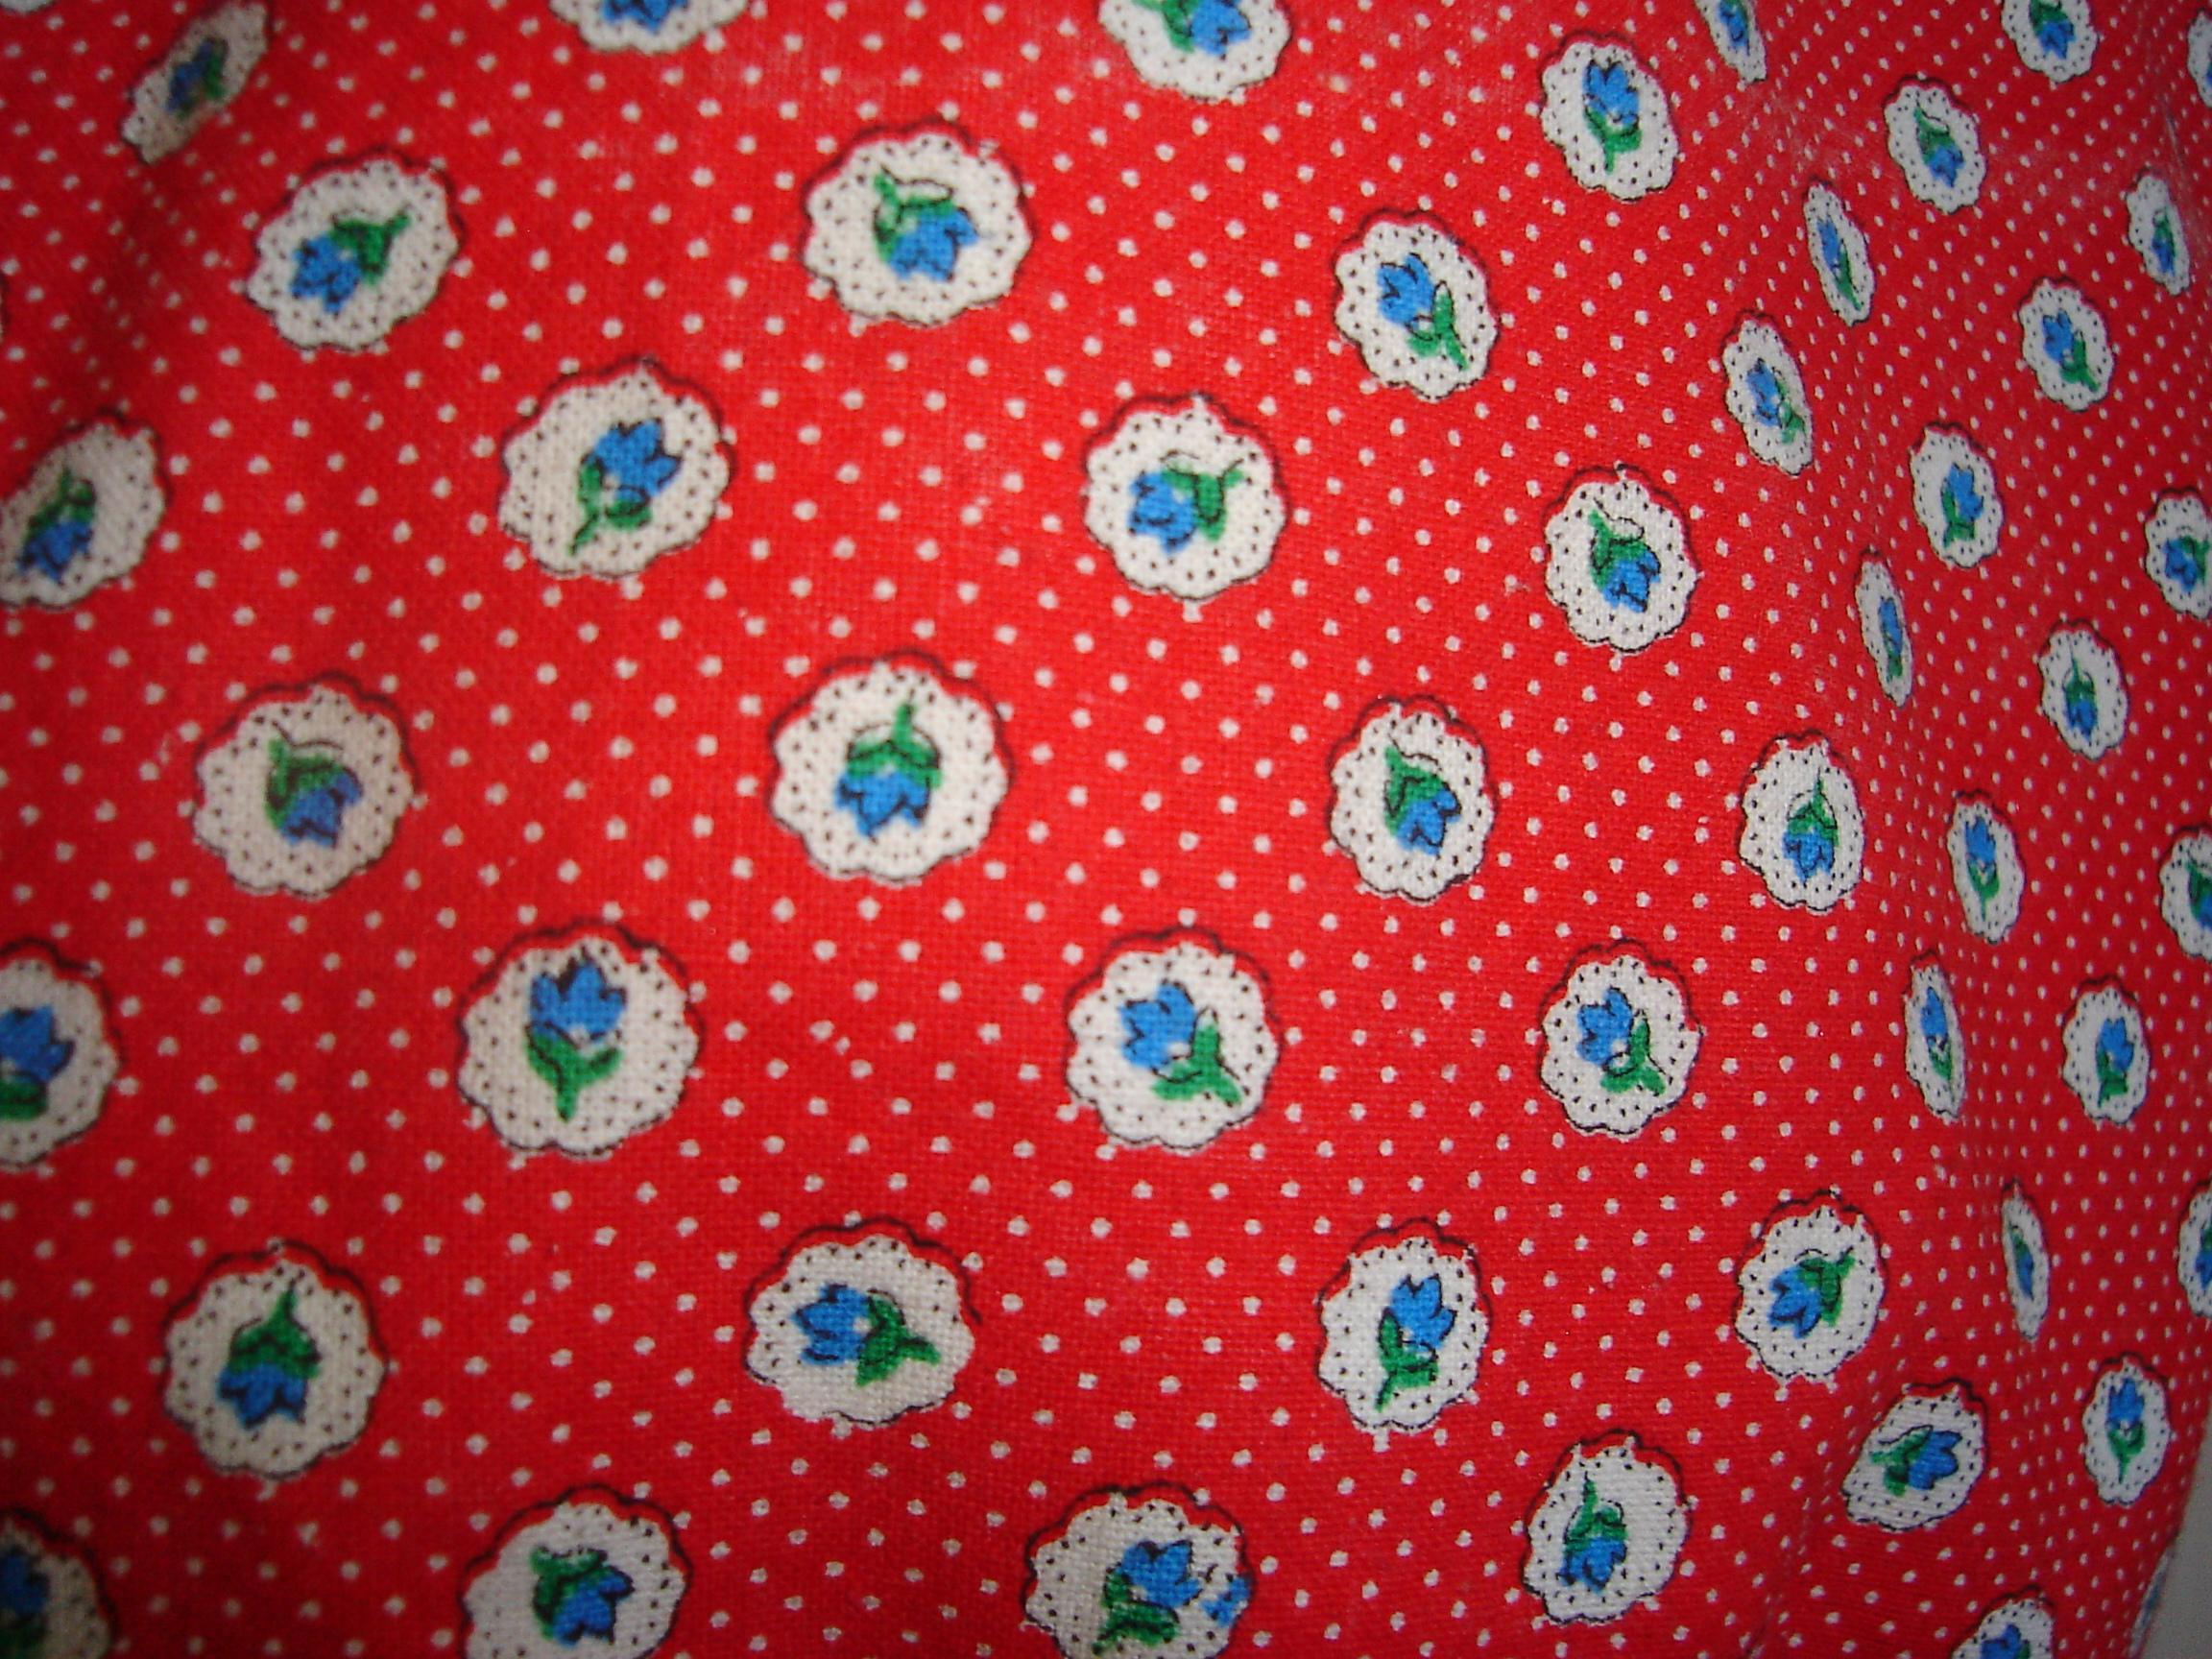 Japanische Knotentasche selber nähen | Schurrmurr